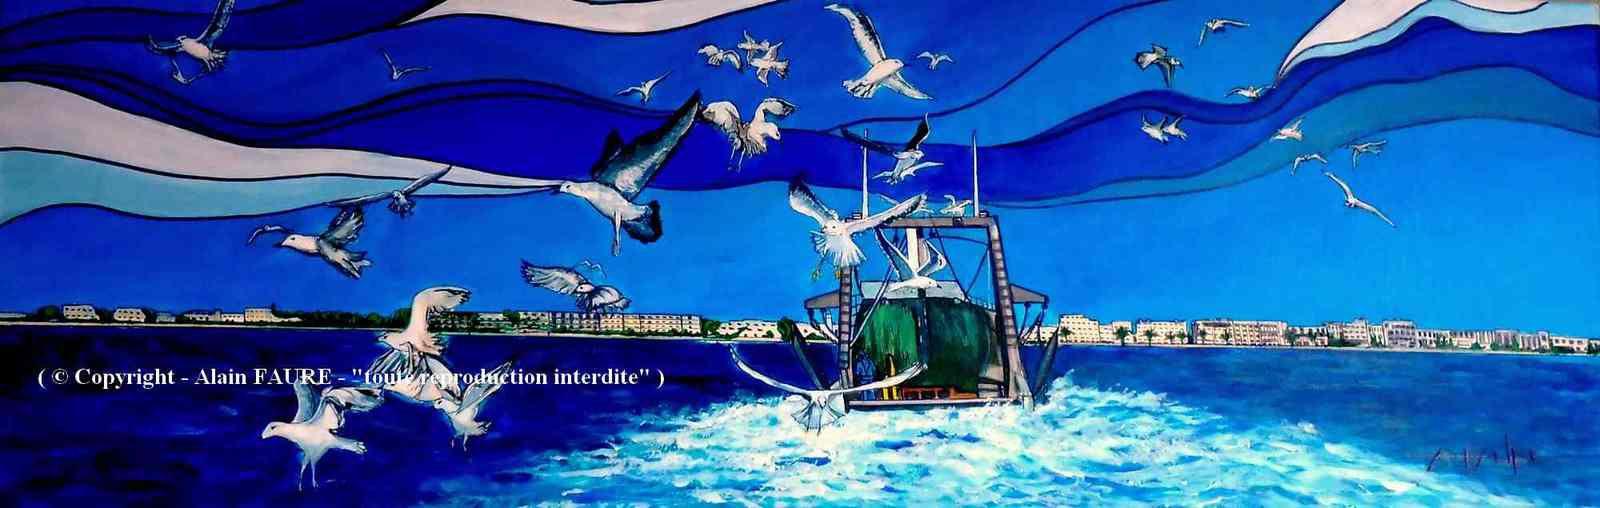 RETOUR AU PORT    Peinture Acrylique sur Toile : 120 x 40 cm ...1320 € - Les pêcheurs ont remonté leur chalut de fond et après avoir sélectionné leur prise de poissons les plus variés comme les daurades, maquereaux, merlans, turbots et autres baudroies, ils rentrent tranquillement au port. Dans le sillage des chalutiers suivent de nombreux oiseaux marins comme les goélands, mouettes et puffins…c'est l'heure du dernier festin avant que n'arrive la nuit.